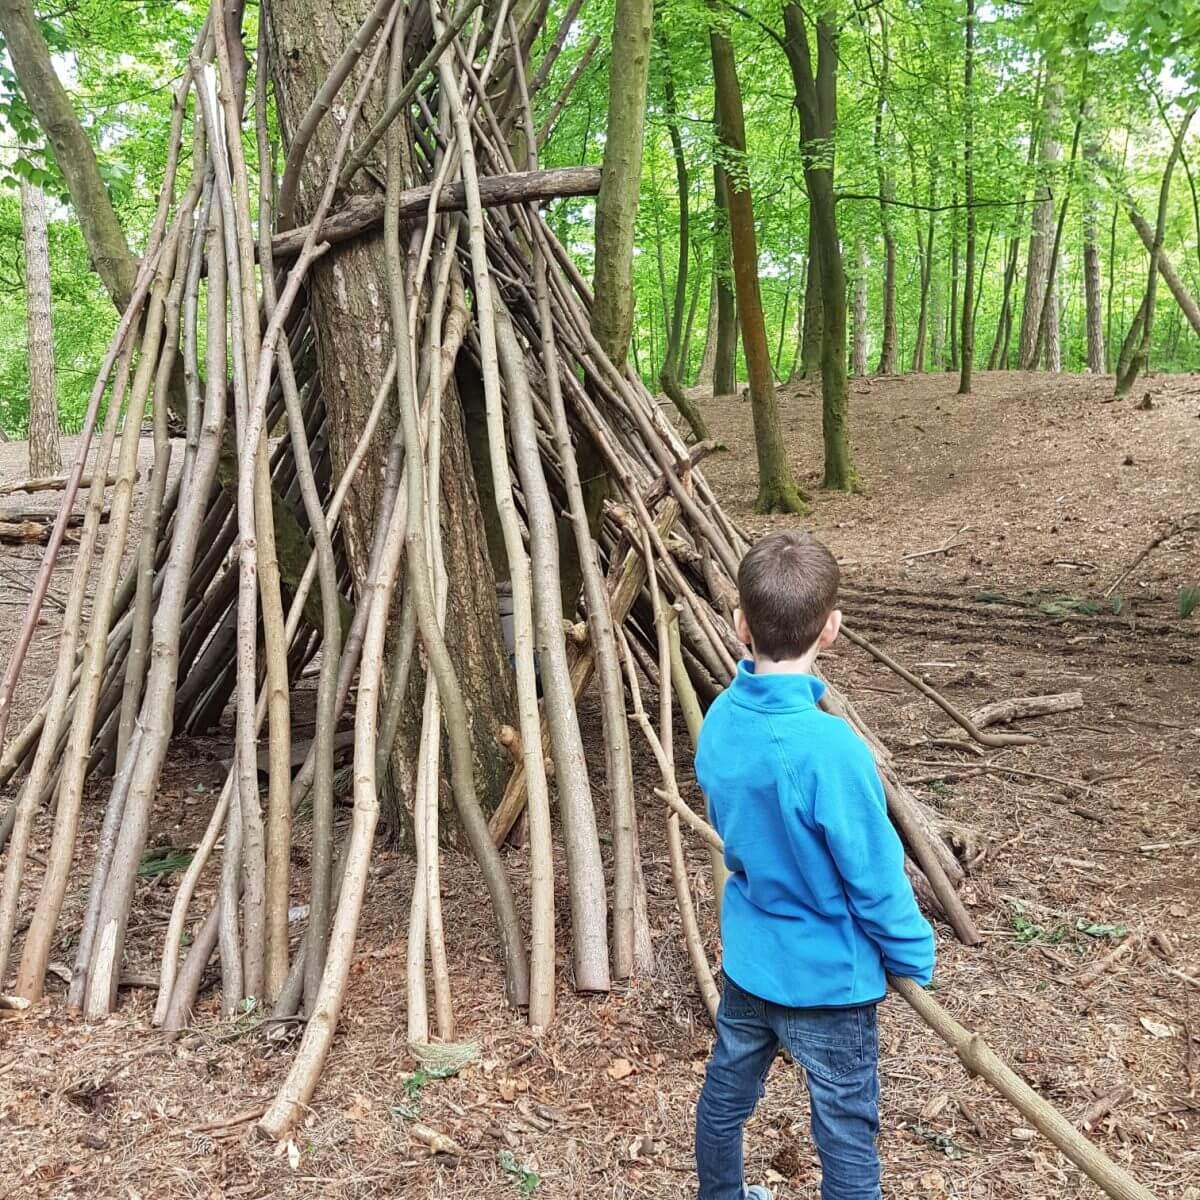 Avontuur op de camping: Geversduin in het Noordhollands duinreservaat